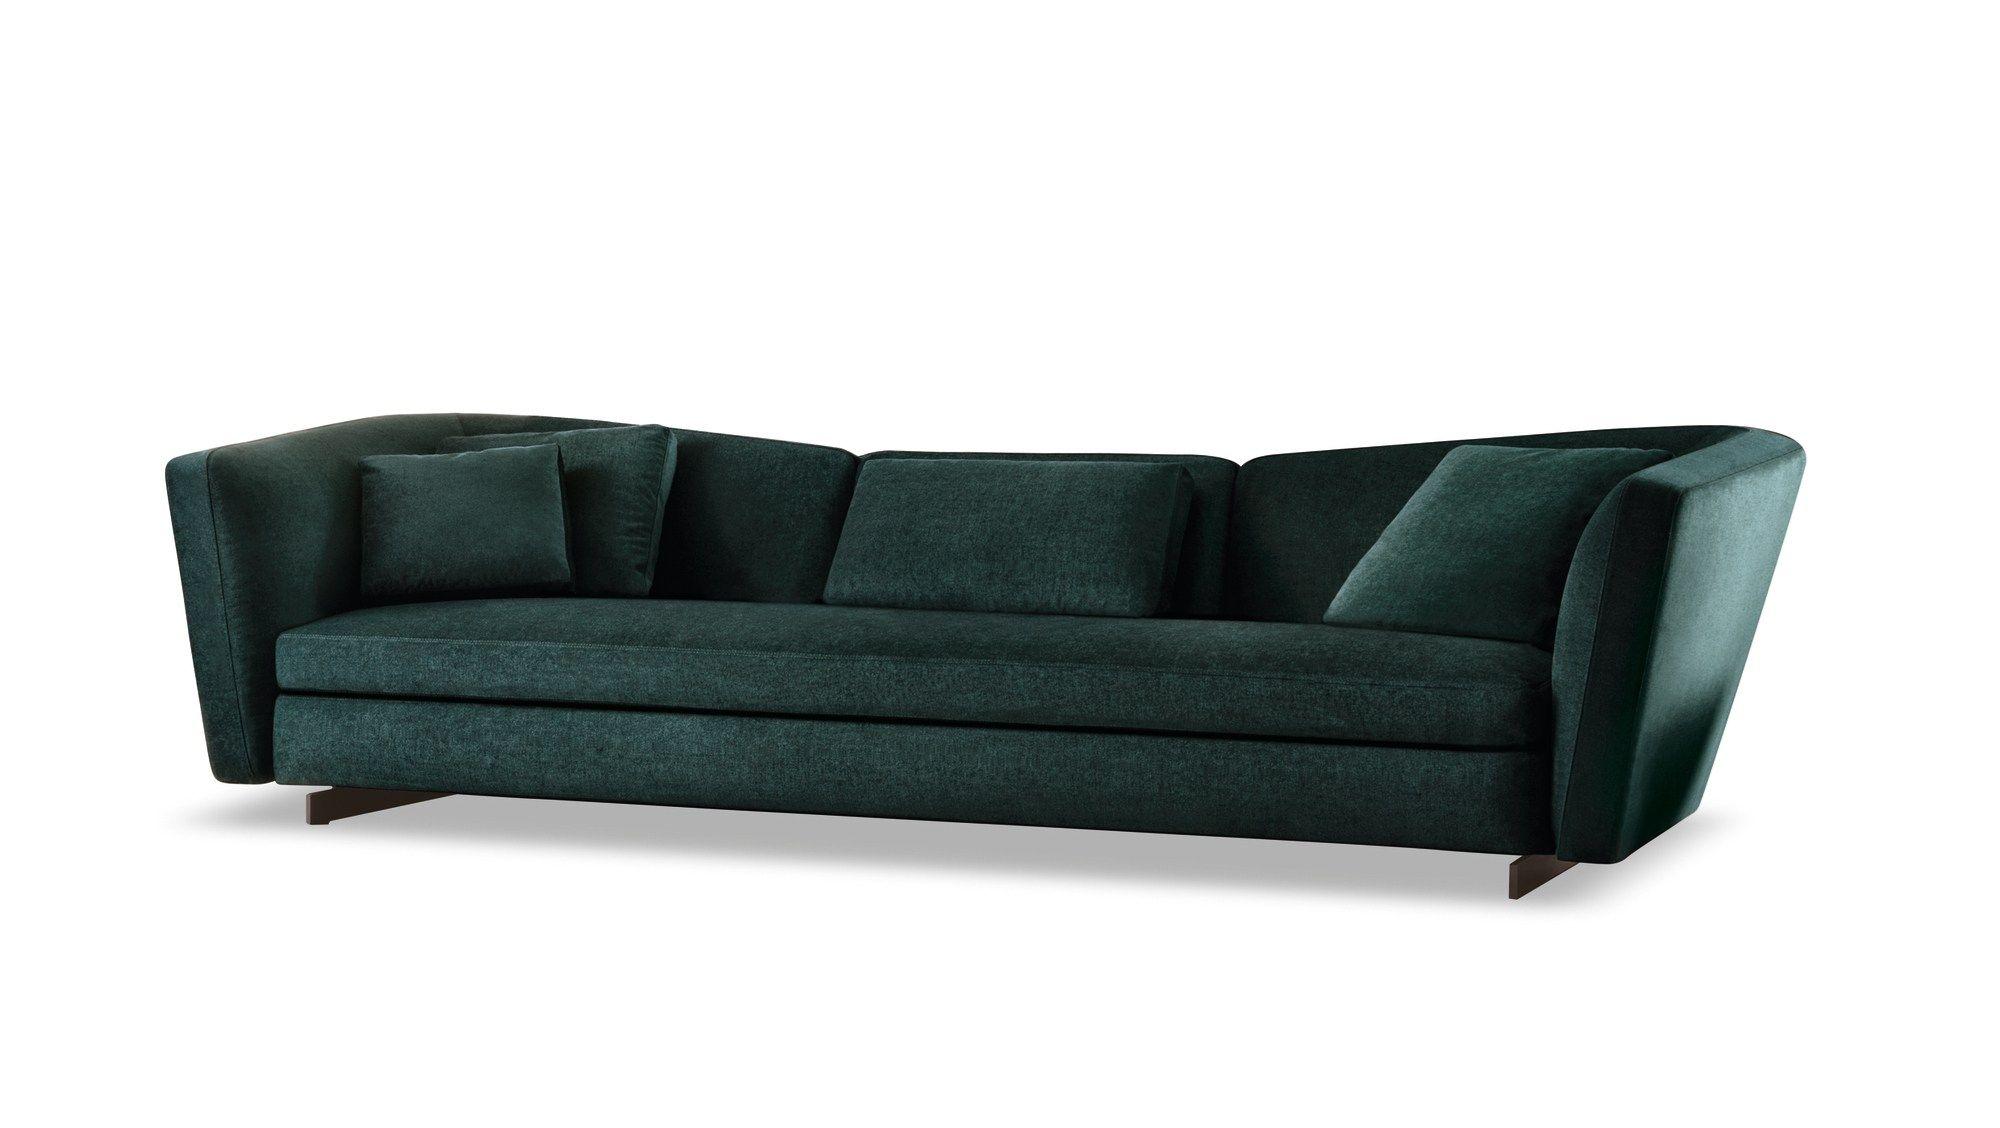 Seymour by minotti design rodolfo dordoni for Arredare milano indipendenza